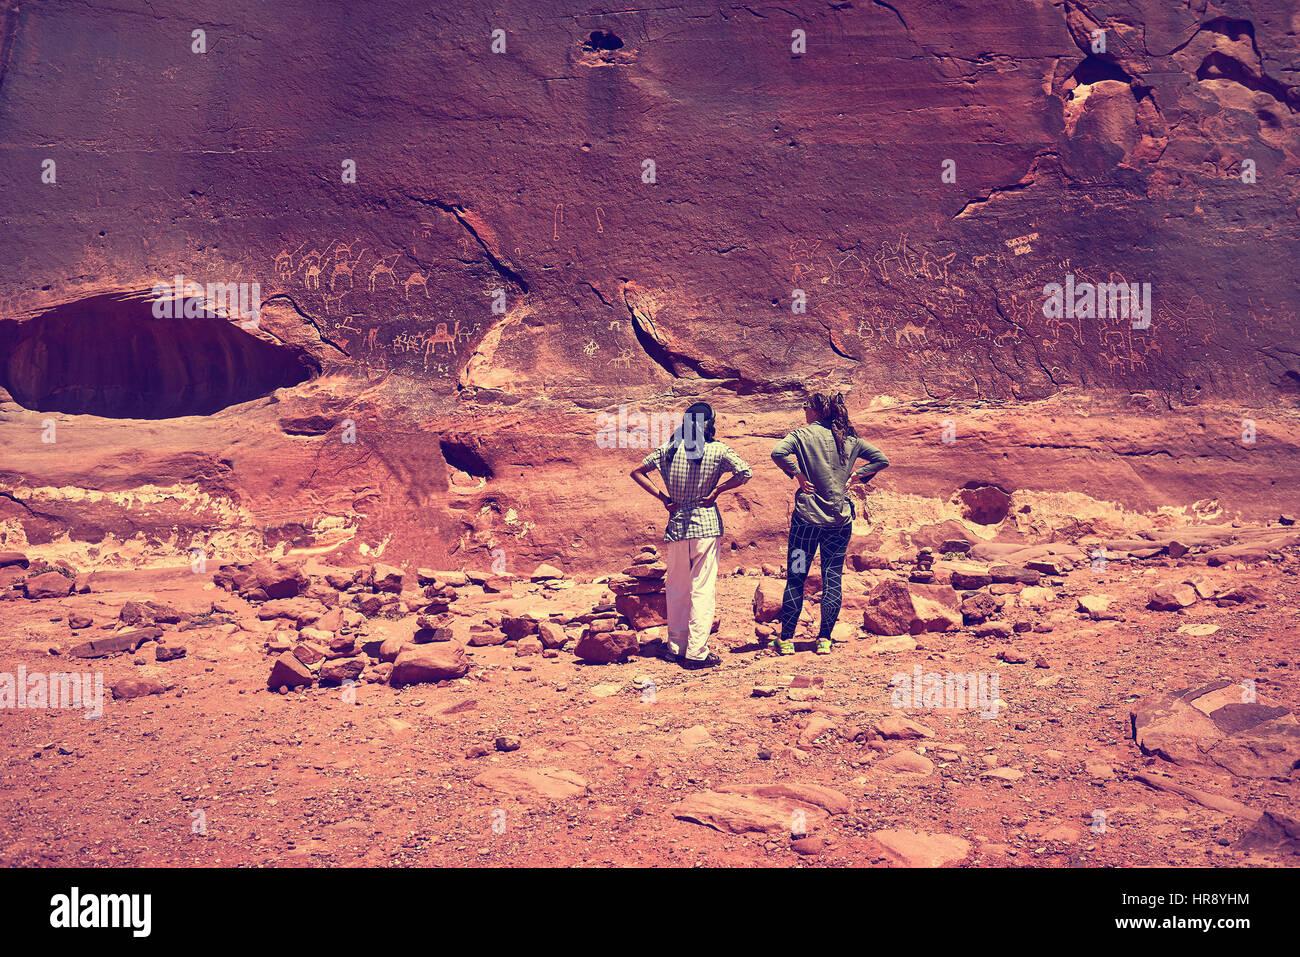 Rock Paintings, Wadi Rum, Arabian Desert, Jordan - Stock Image